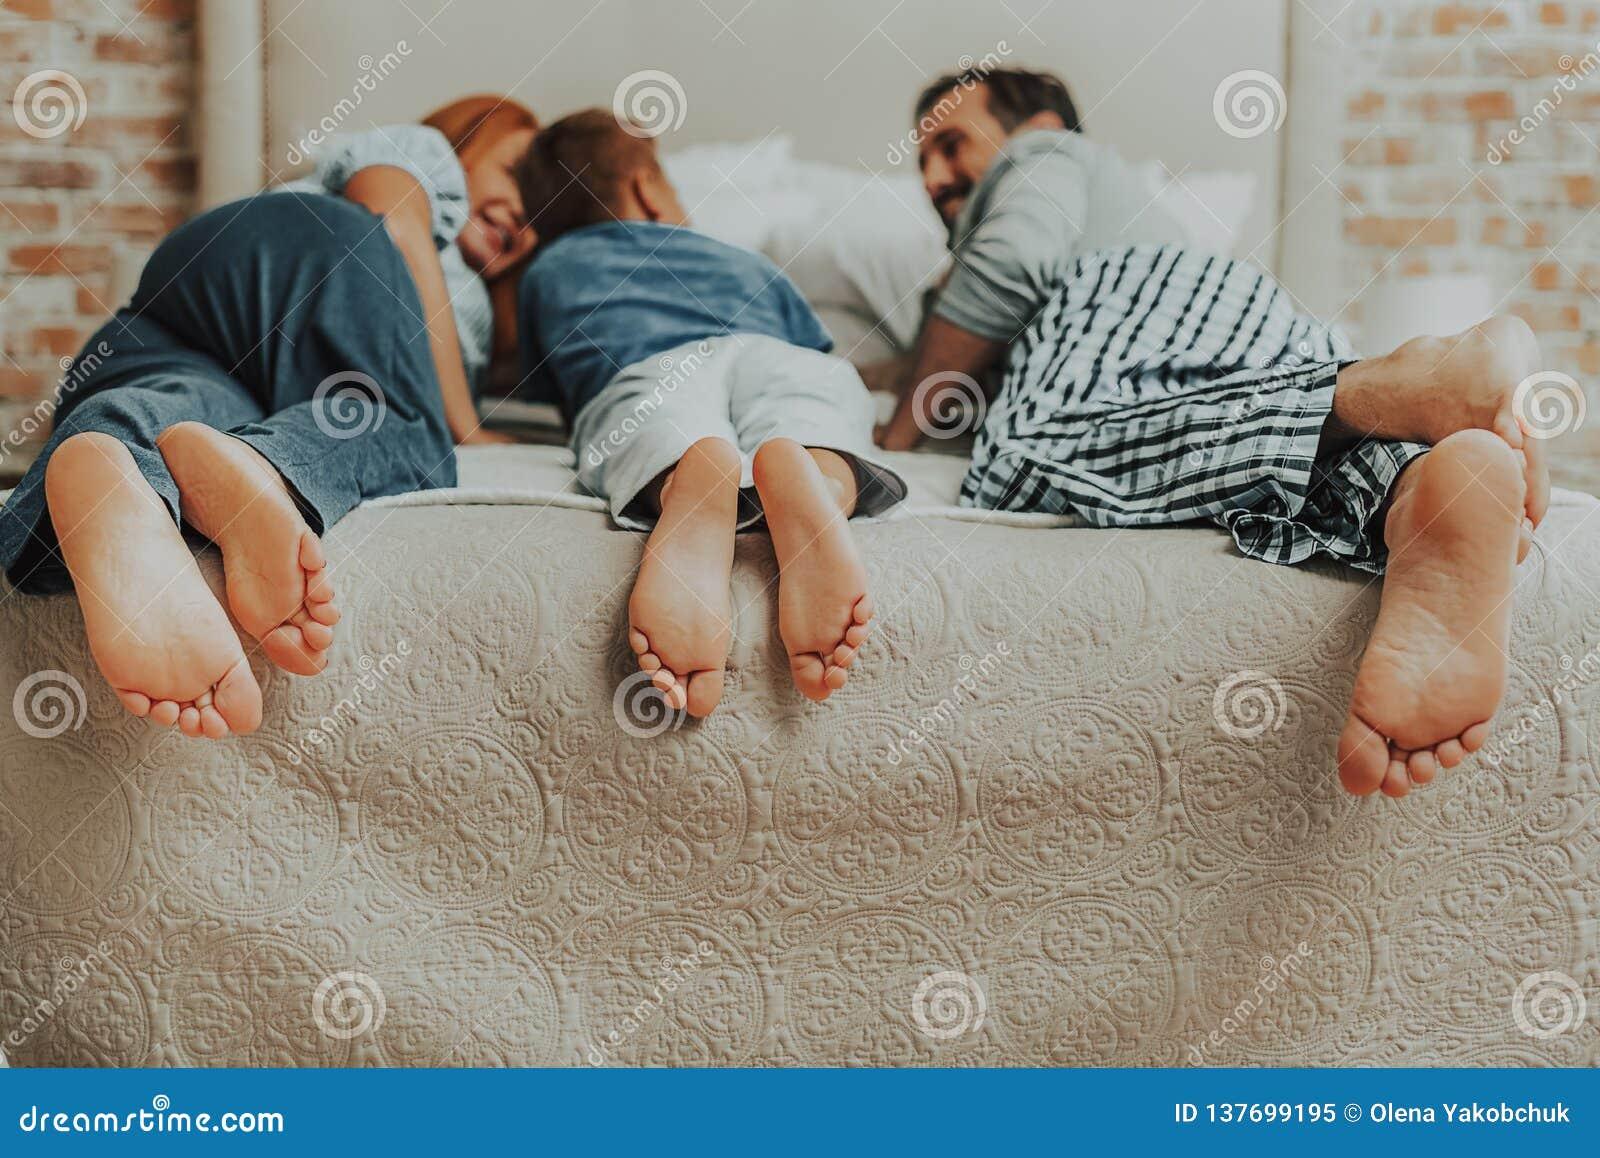 Πορτρέτο της οικογένειας τρία ζευγάρια των ποδιών στο κρεβάτι